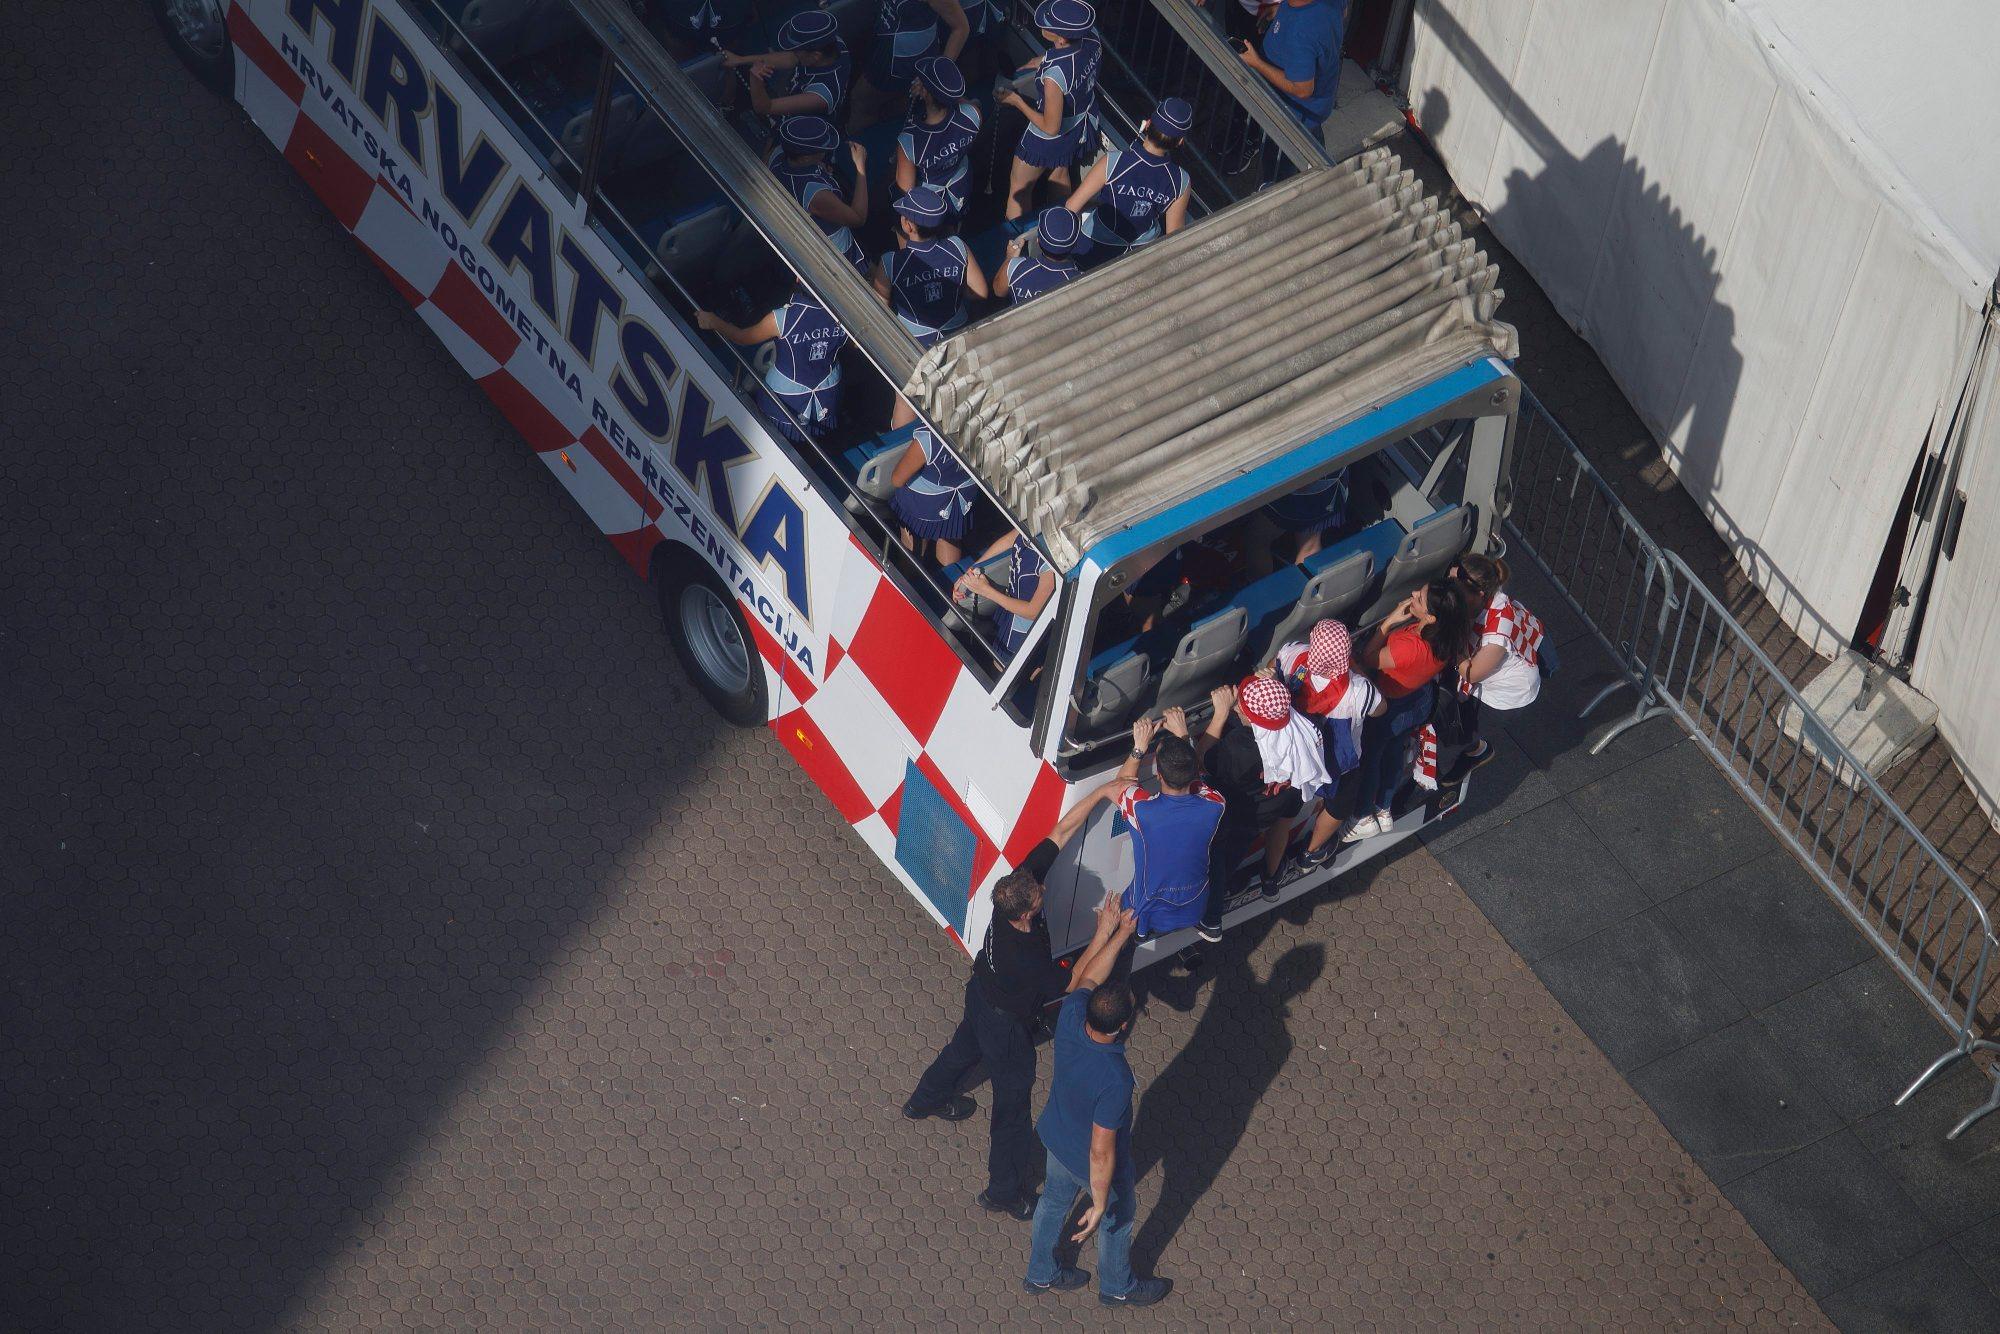 Zagreb, 160718. Na Trgu bana Jelacica organiziran je svecani doceka srebrnih nogometasa sa Svjetskog nogometnog prvenstva u Rusiji. Na fotografiji: navijaci se pokusavaju popeti na autobus. Foto: Dragan Matic / CROPIX